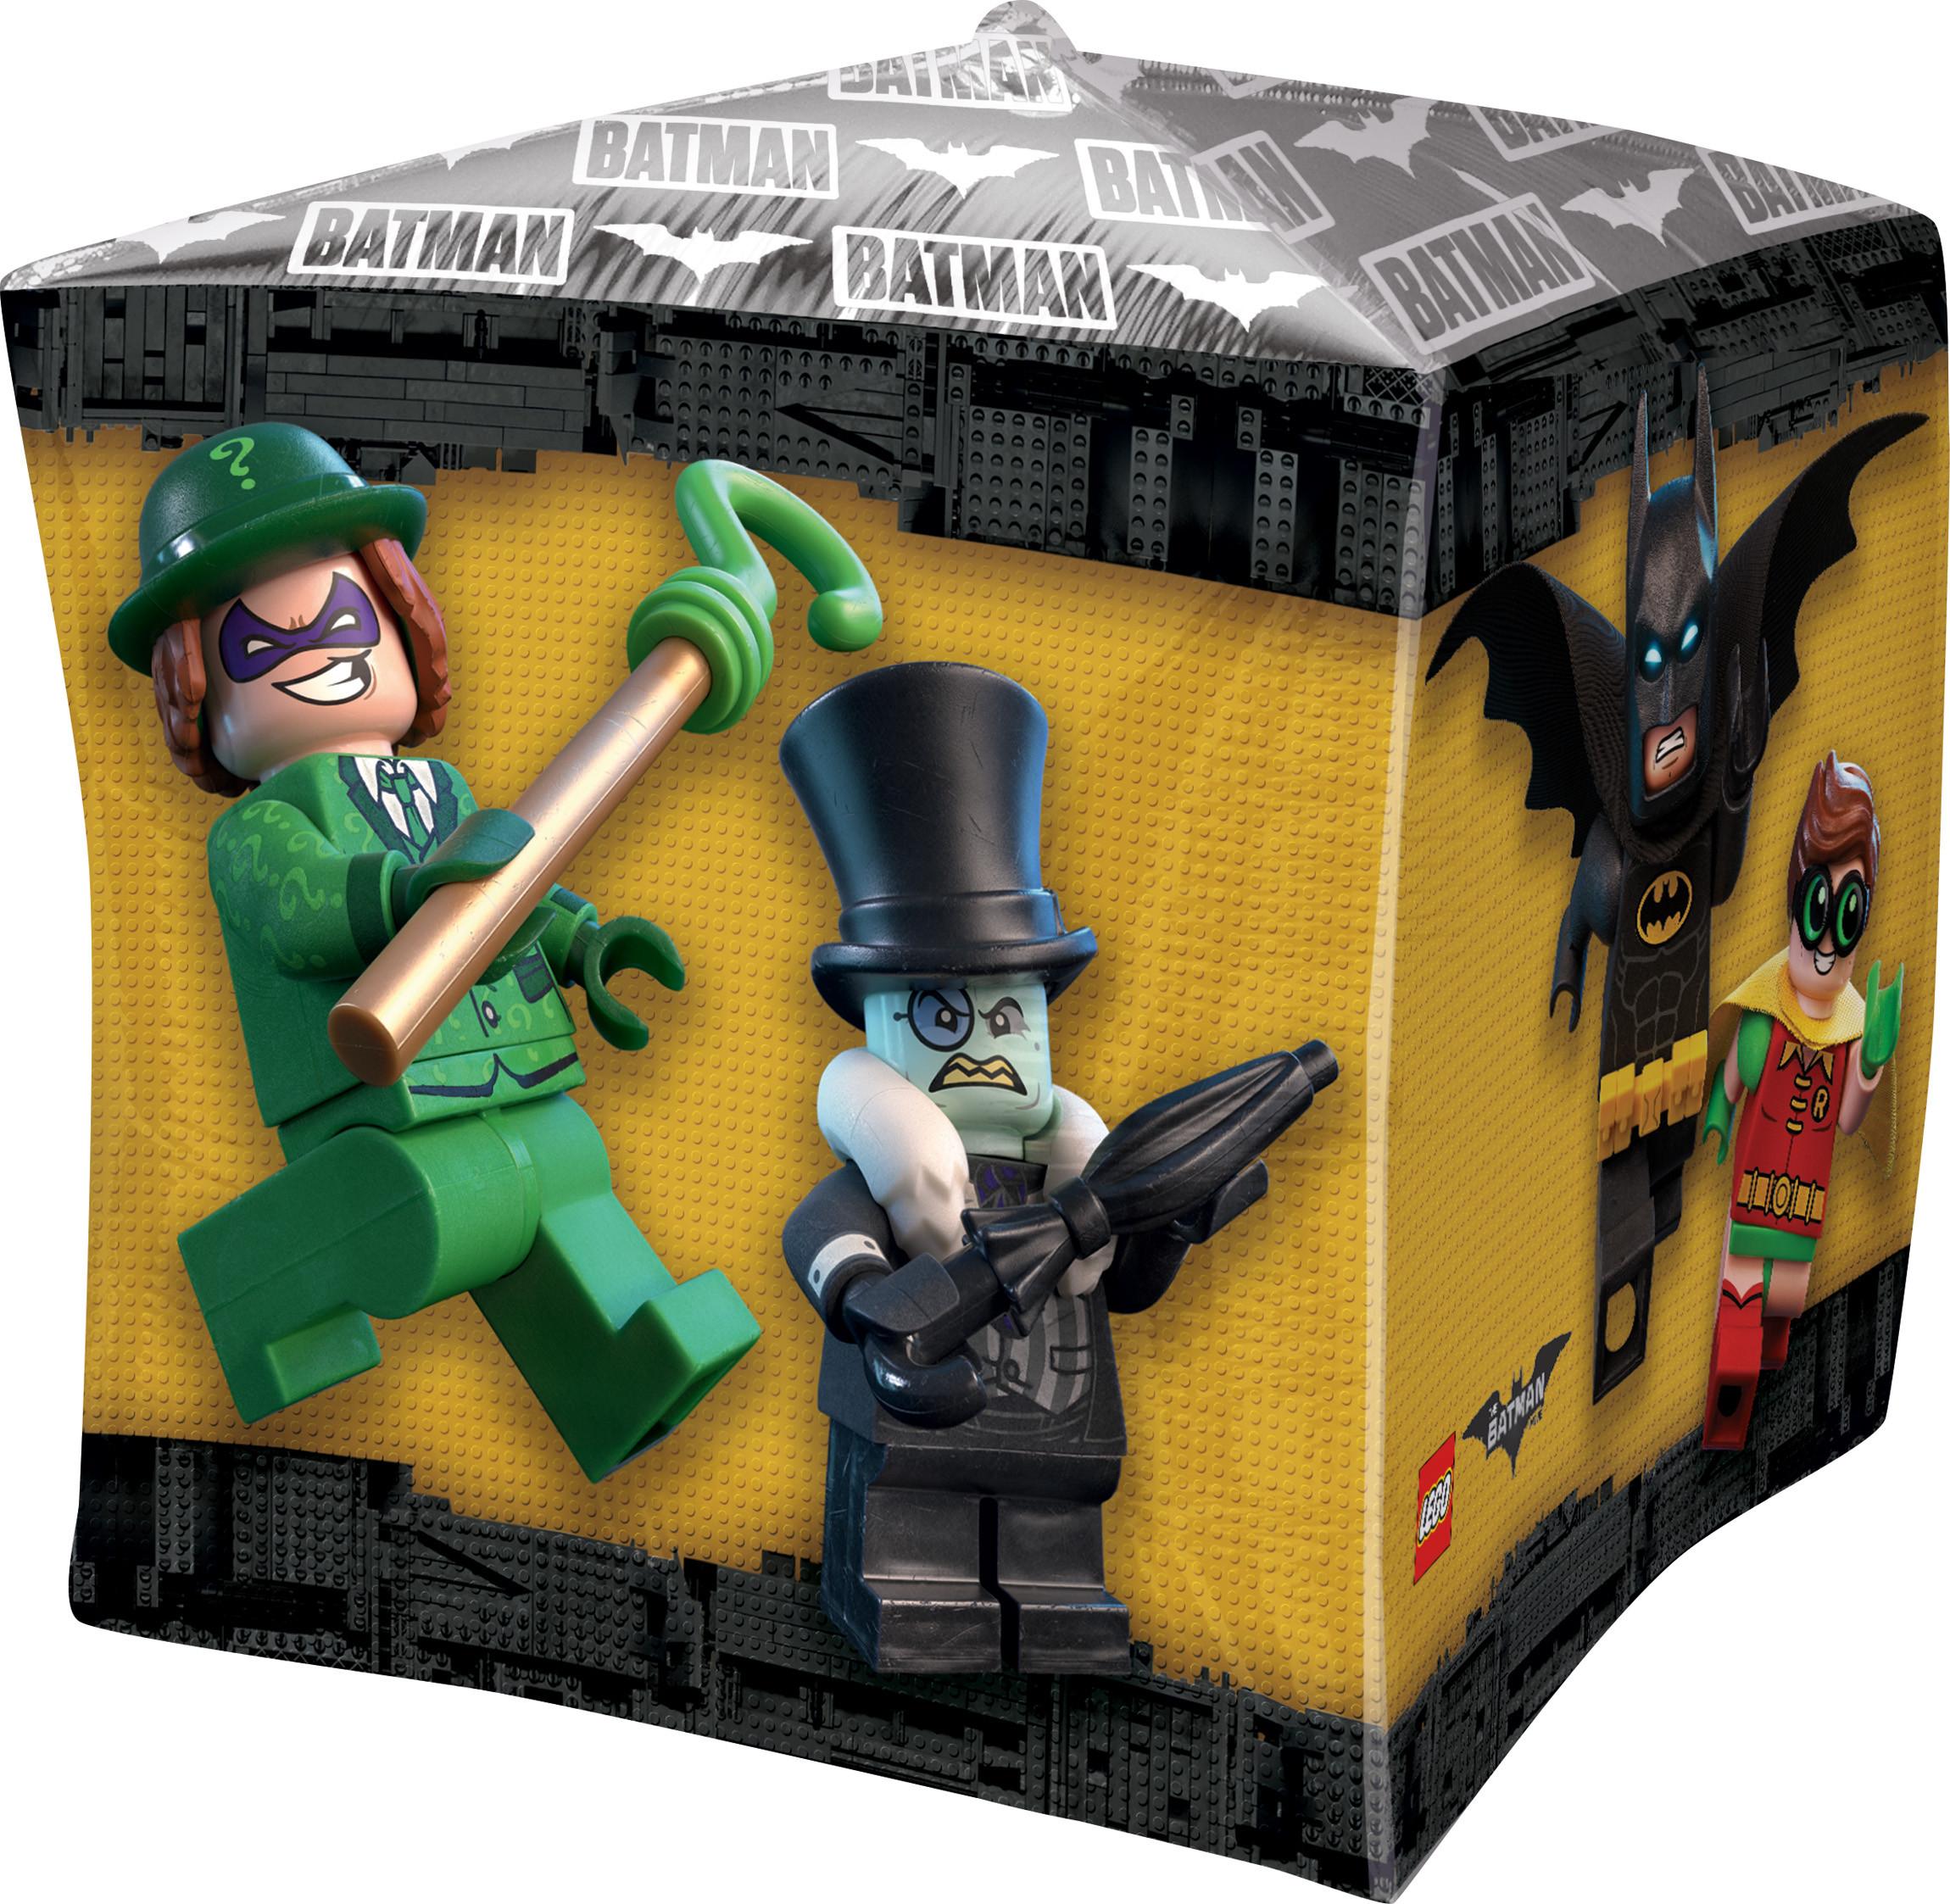 Lego Batman Geburtstag